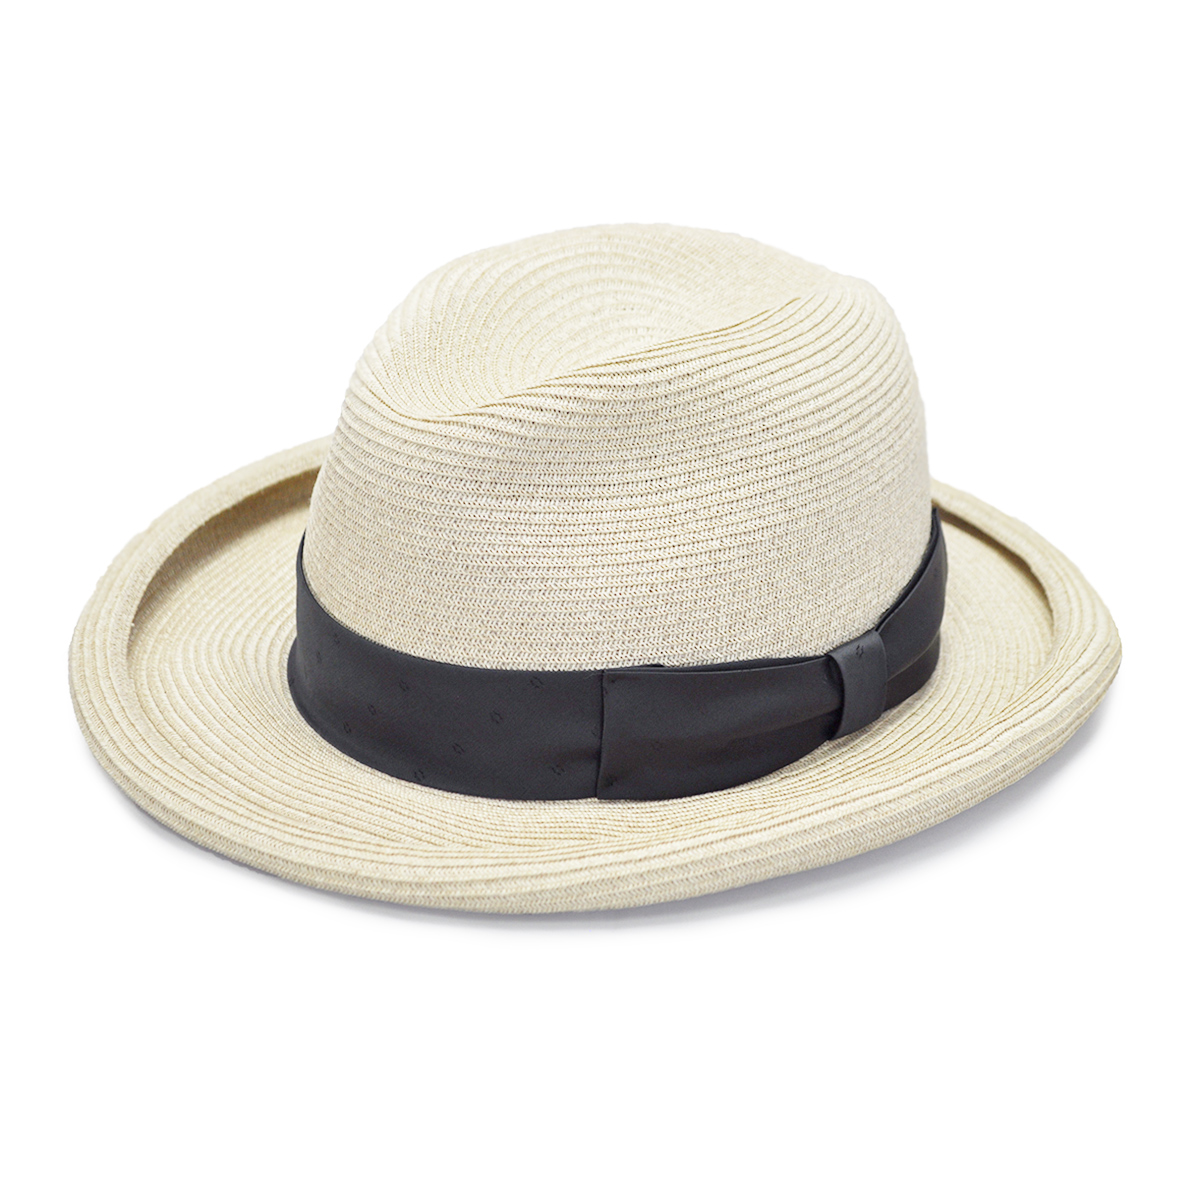 【残りMサイズのみ】GANGSTERVILLE HOMBURG - HAT (NATURAL) ギャングスタービル ストローハット/麦わら帽子/GLADHAND【WEIRDO/ウィアード/OLD CROW/オールドクロウ】